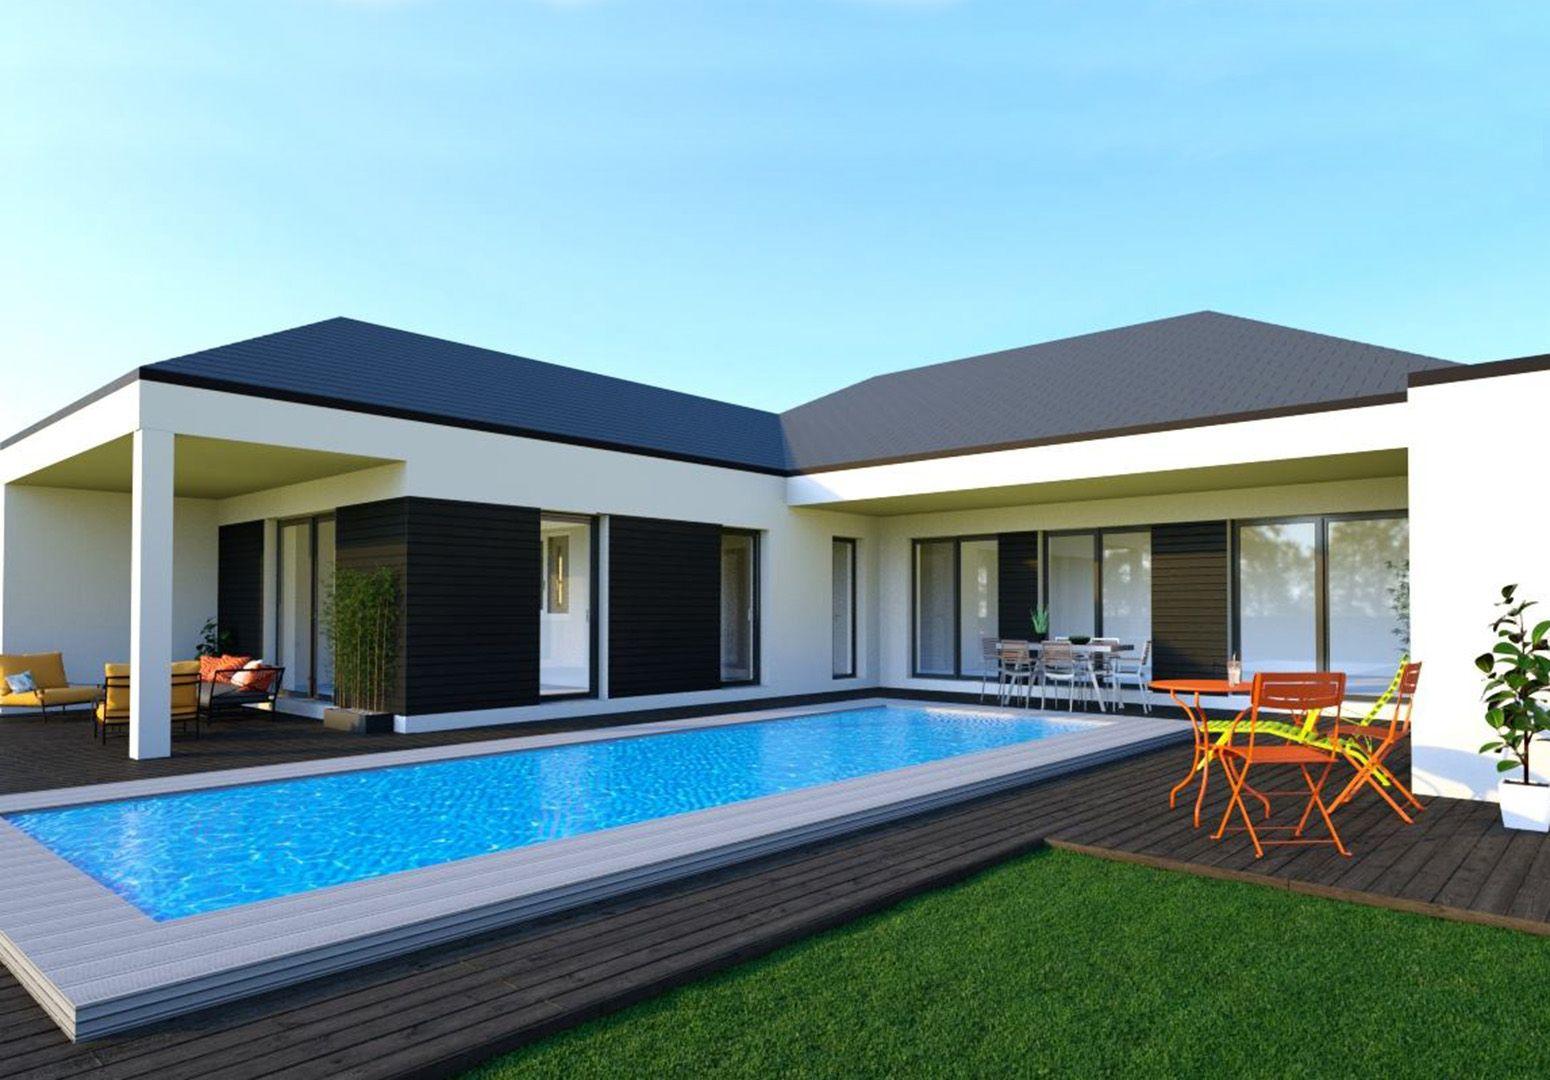 Image du modèle de maison BETTON 3CH 130